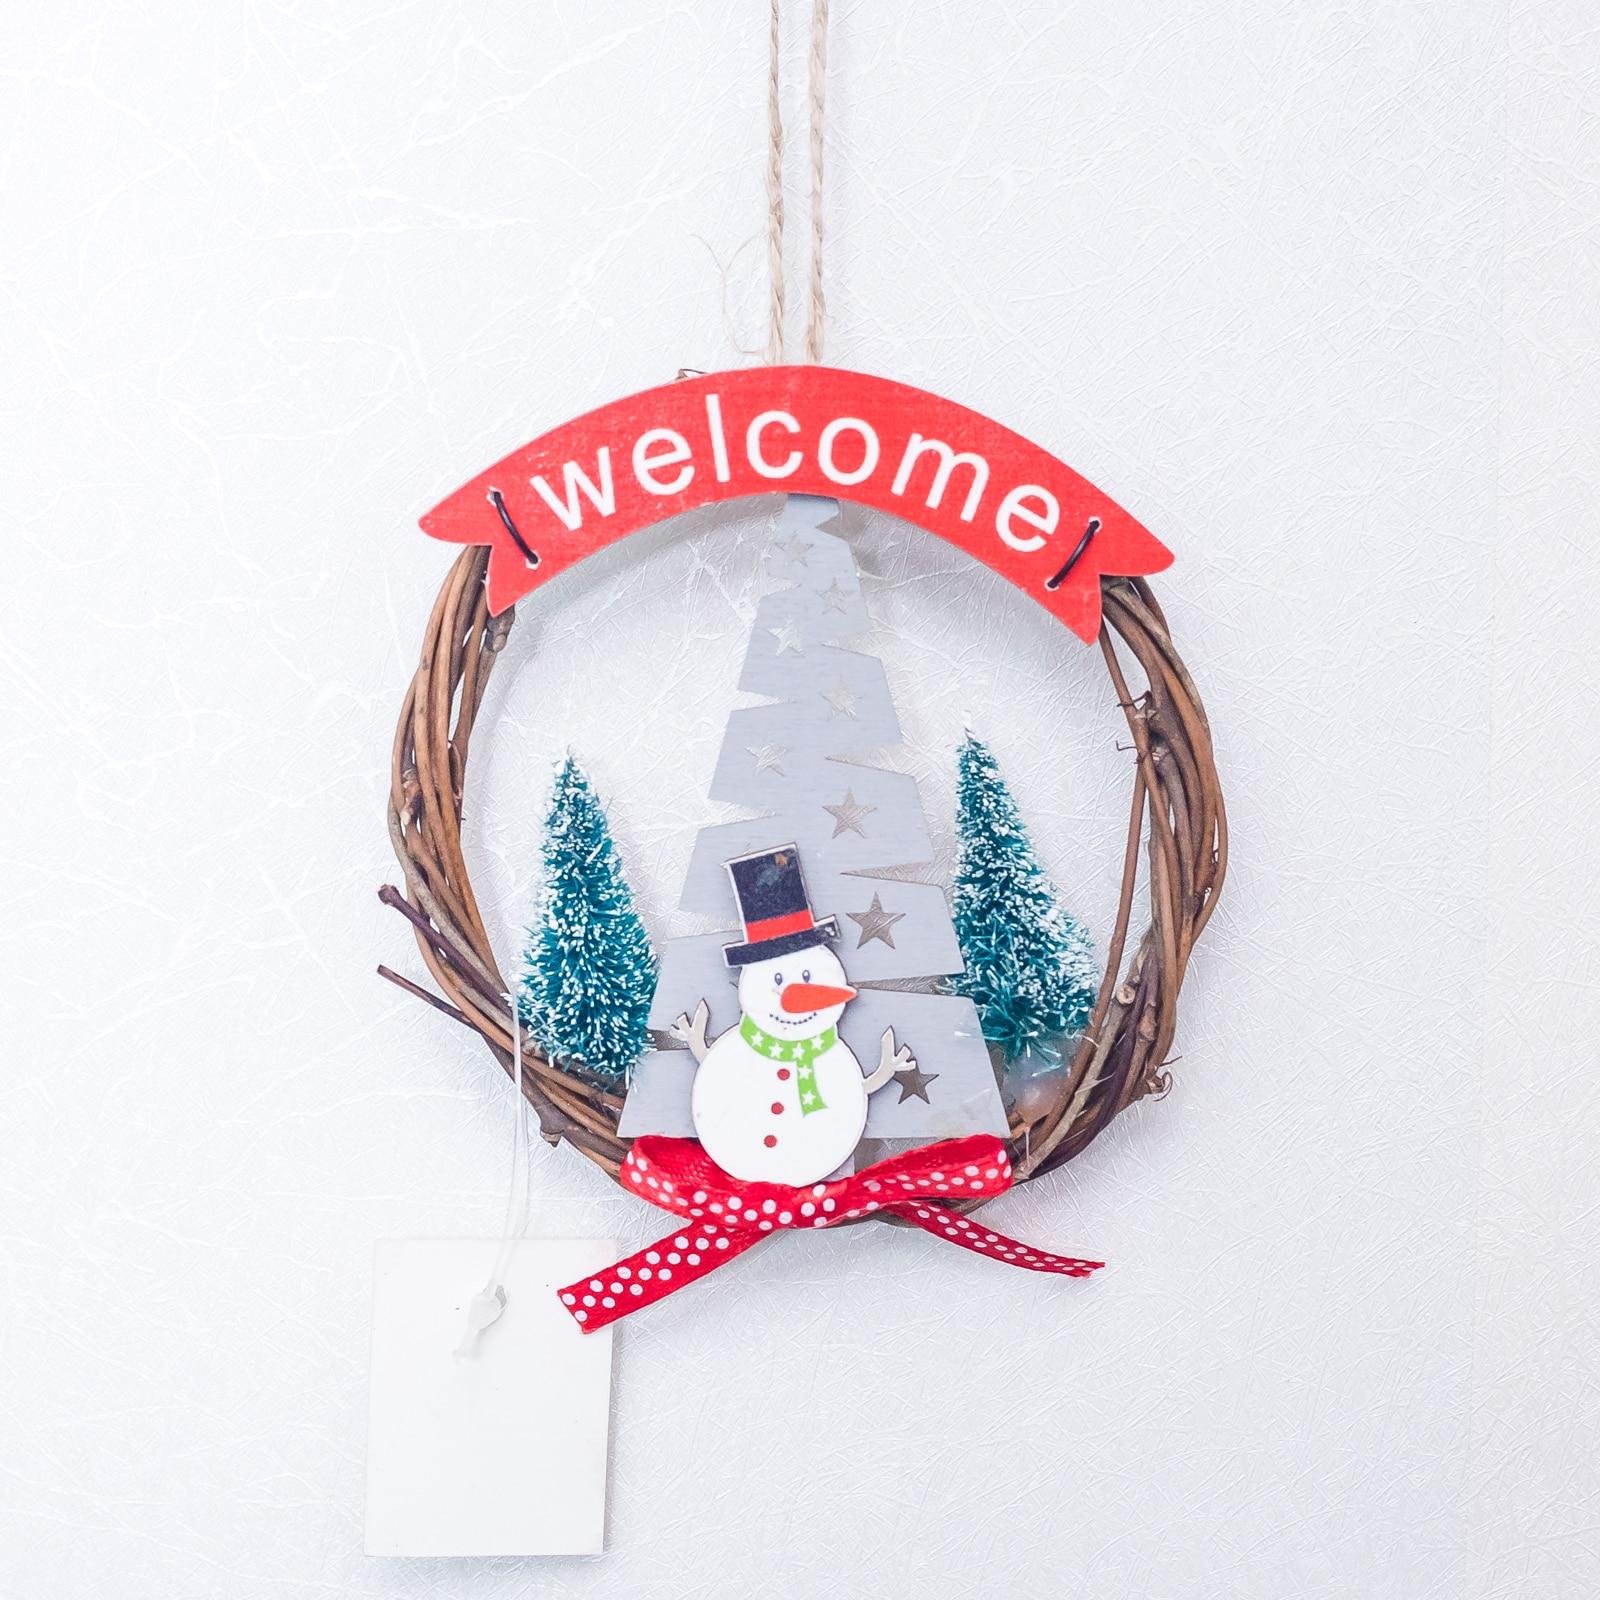 Enfeites de decoração de natal, enfeites de decoração de 10x10cm para árvore de natal, pingente de boneco de neve, porta suspensa e suprimentos para festas